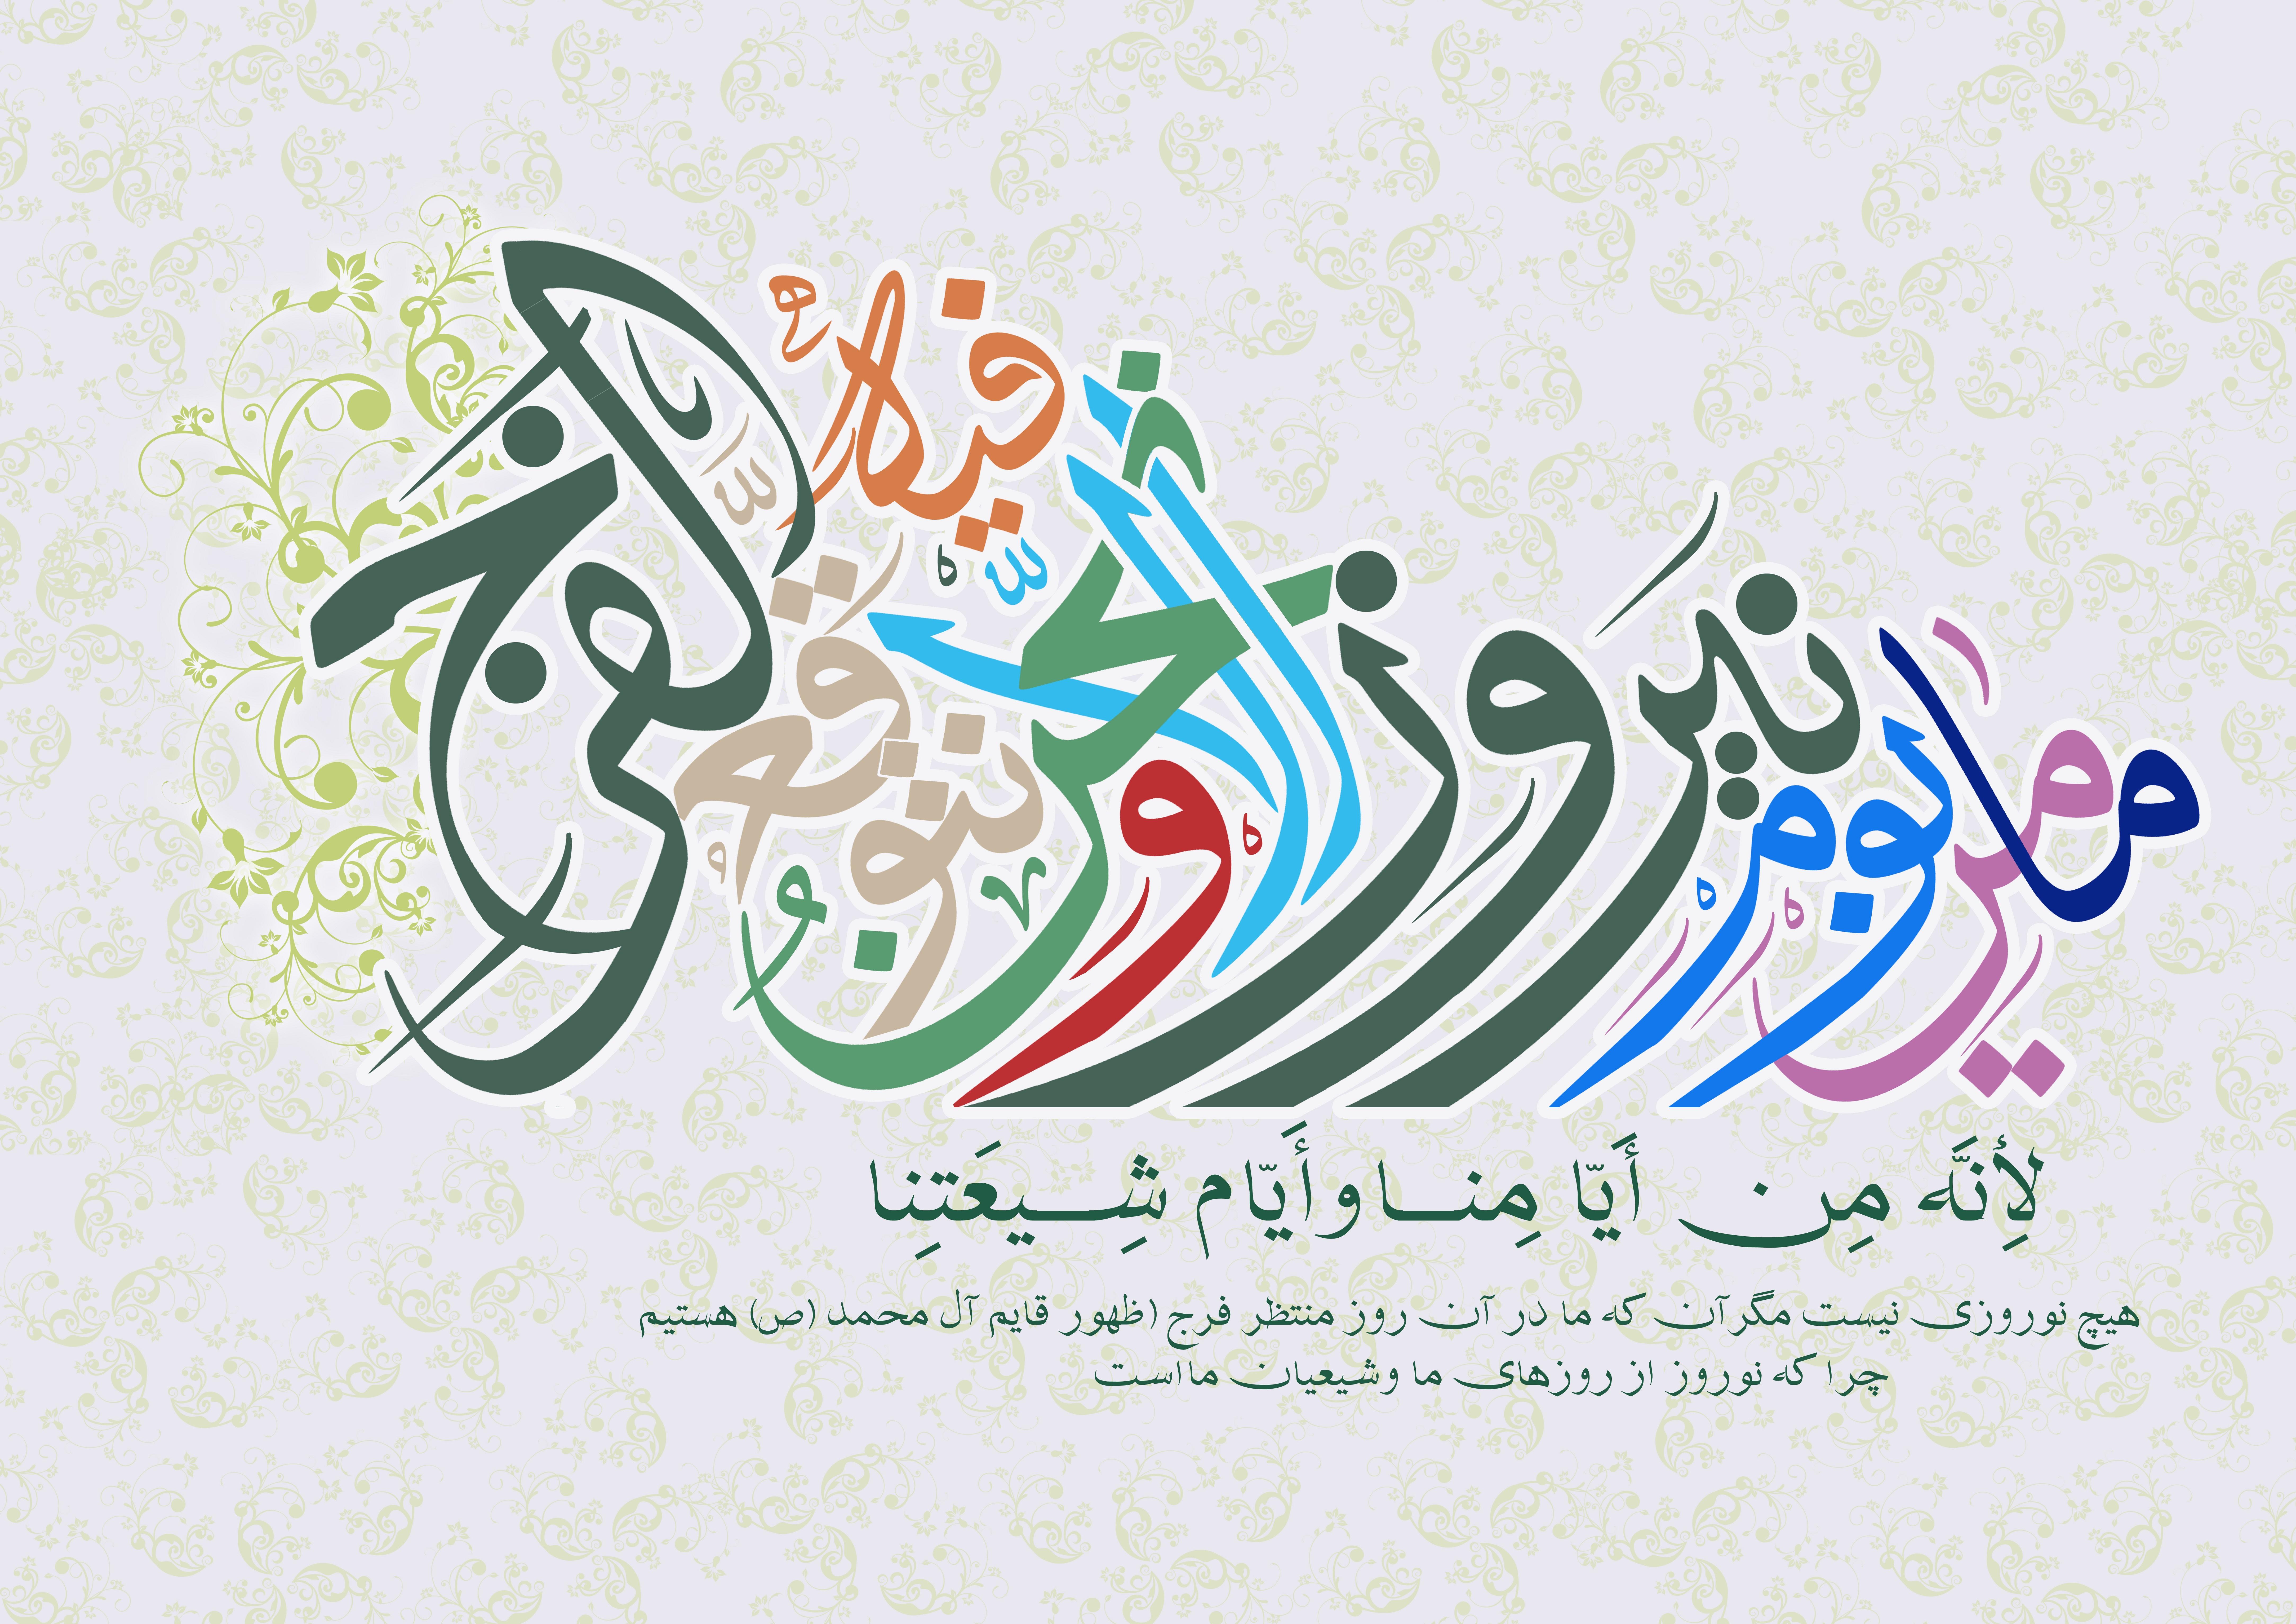 hazara bøsse chat knulle nett